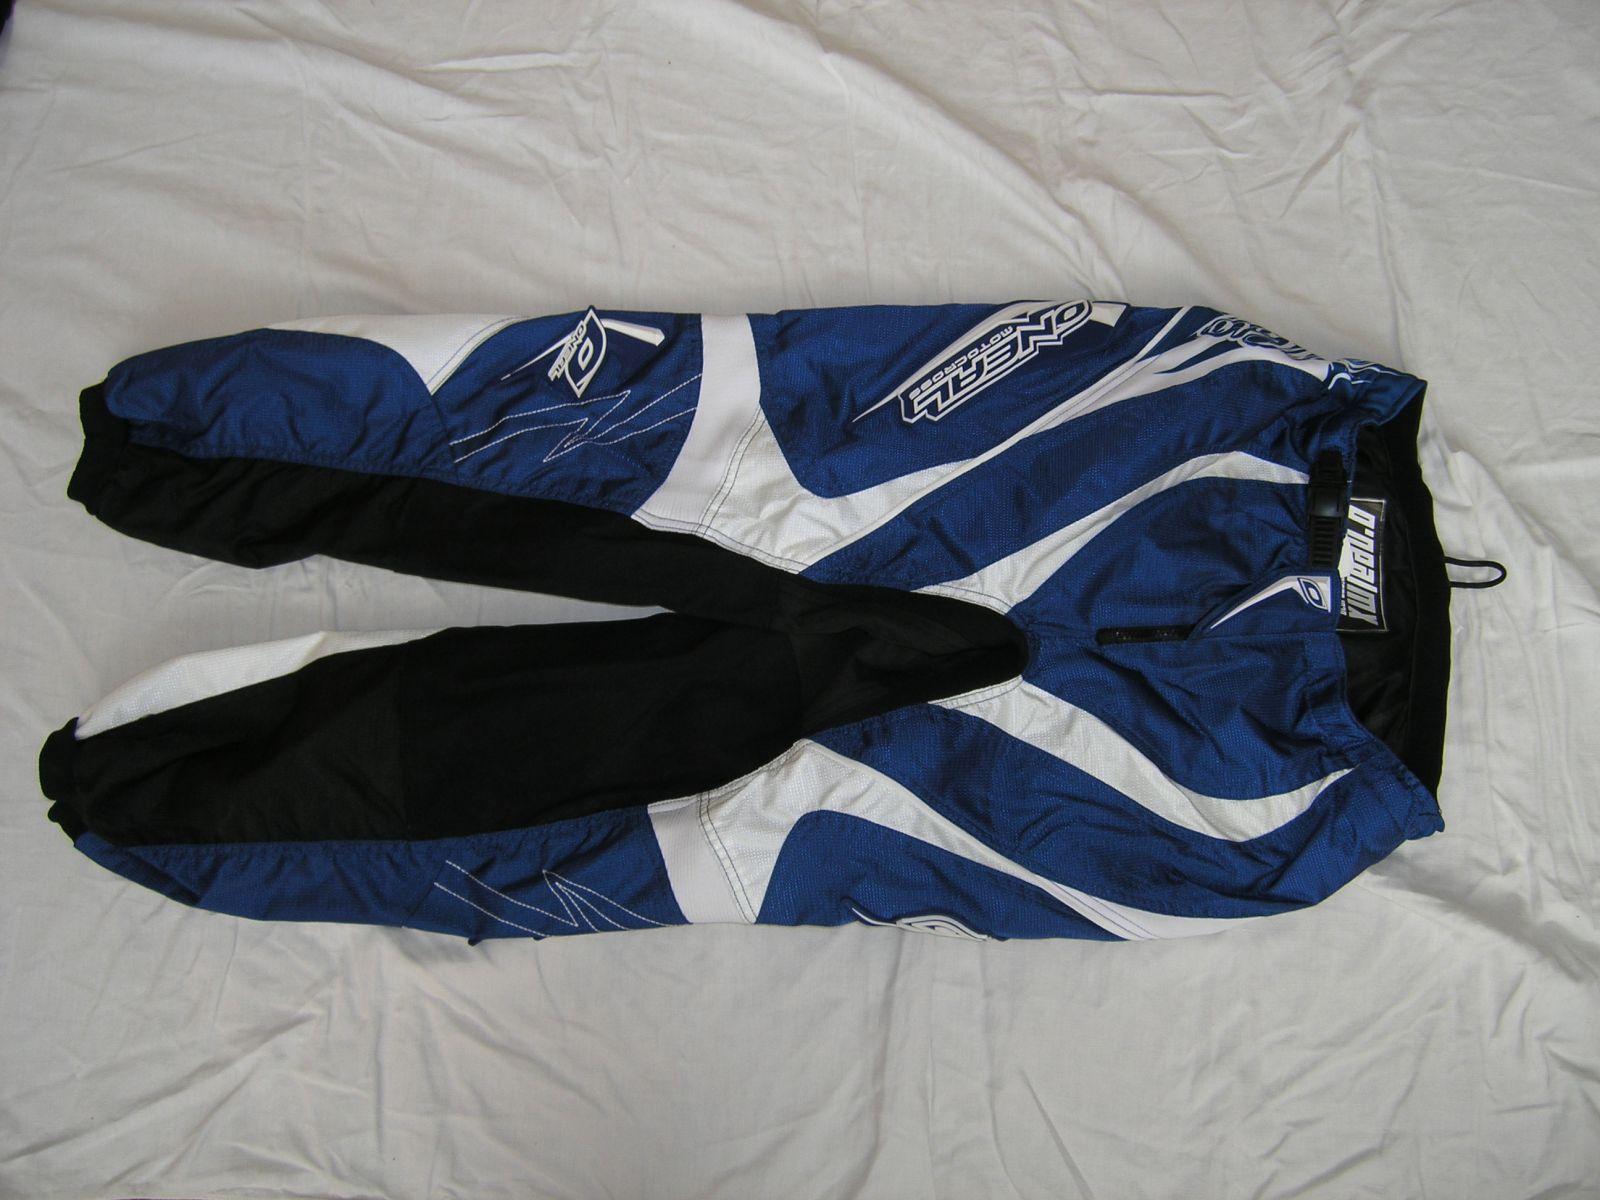 Kalhoty Element-Modrá/bílá ONEAL